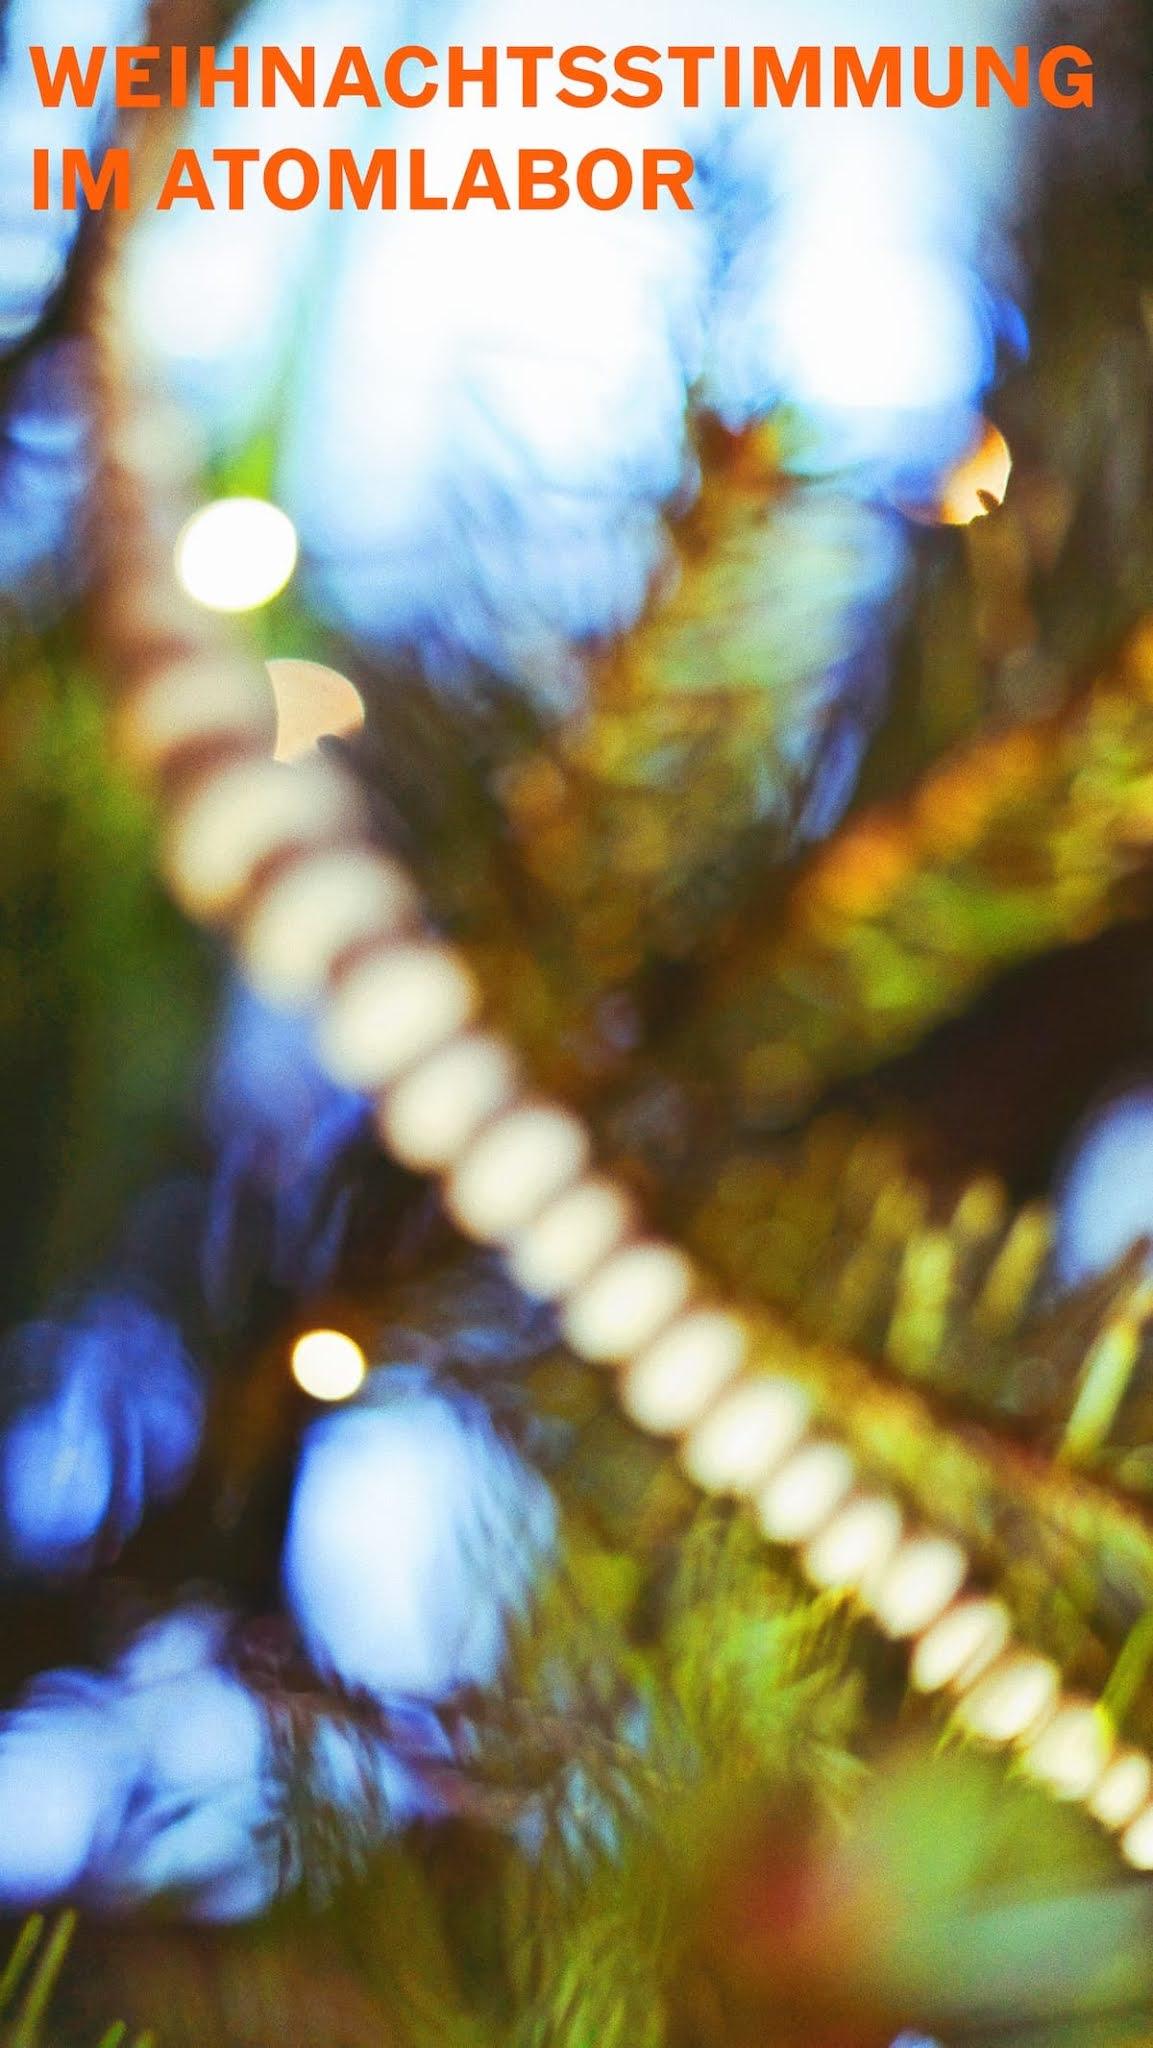 Weihnachtsstimmung generieren | Was mich in Stimmung bringt